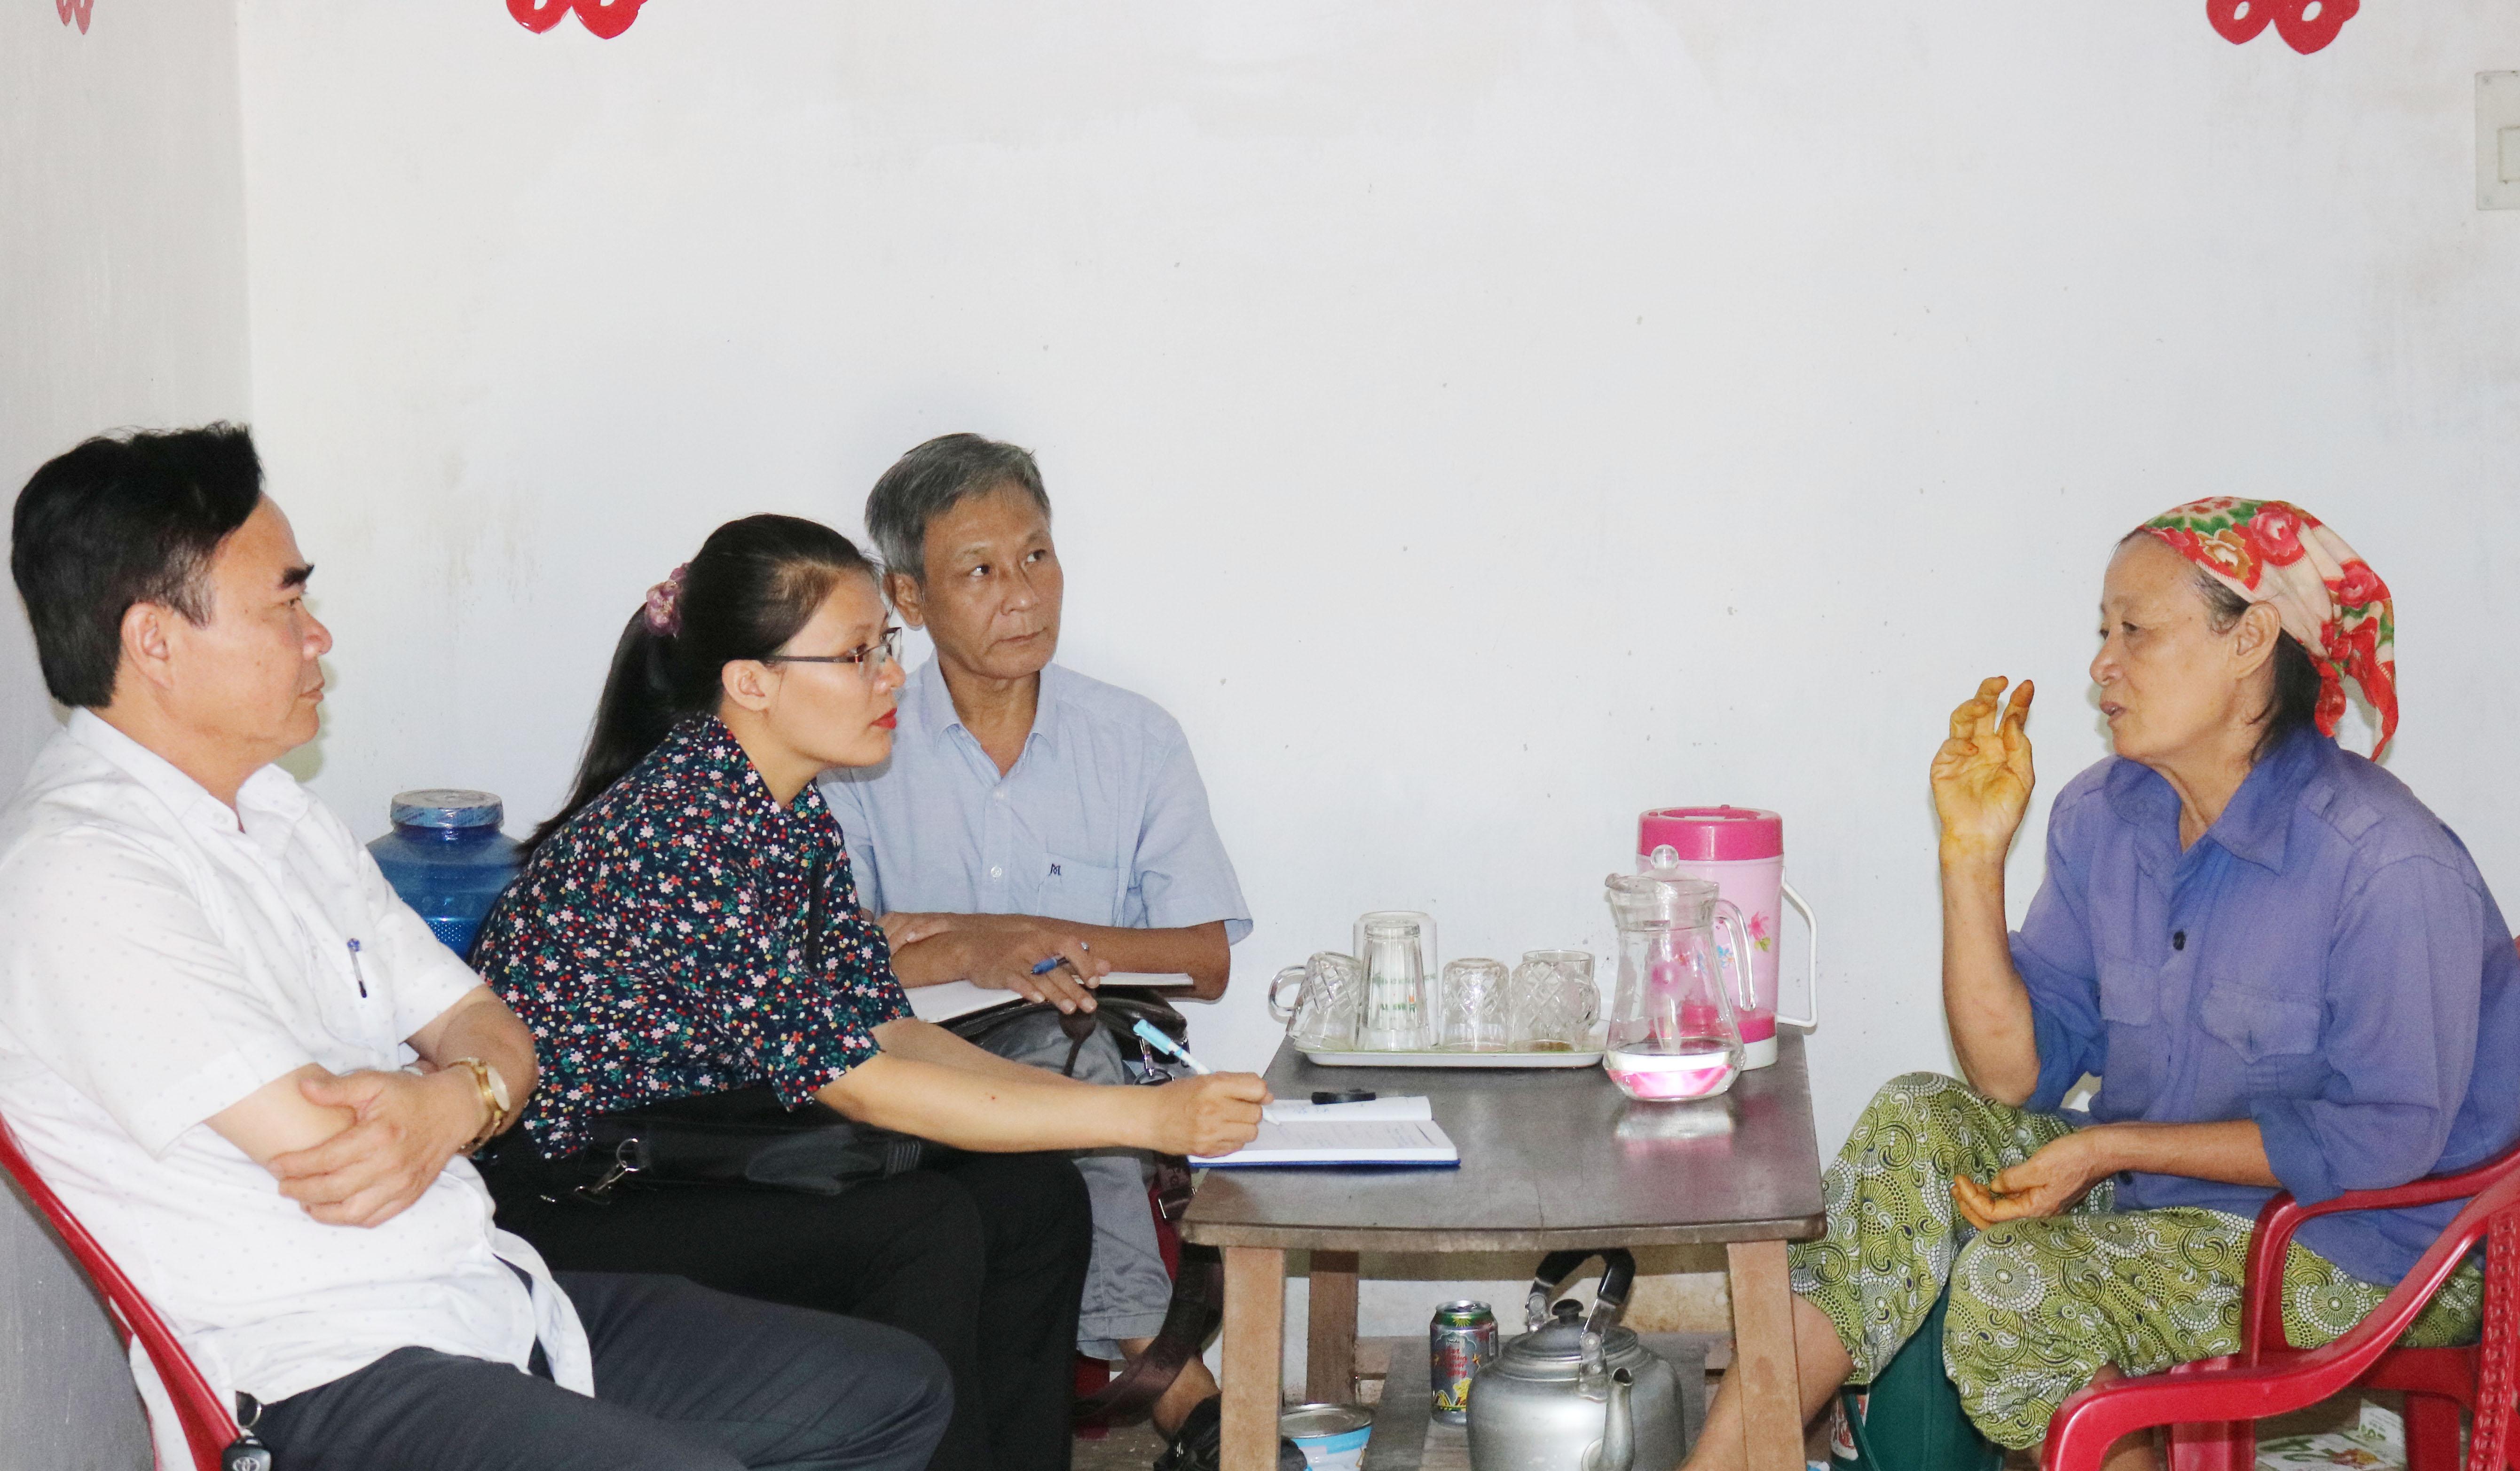 Đoàn giám sát gặp gỡ, trao đổi với người thu gom rác ở phường Bắc Hồng